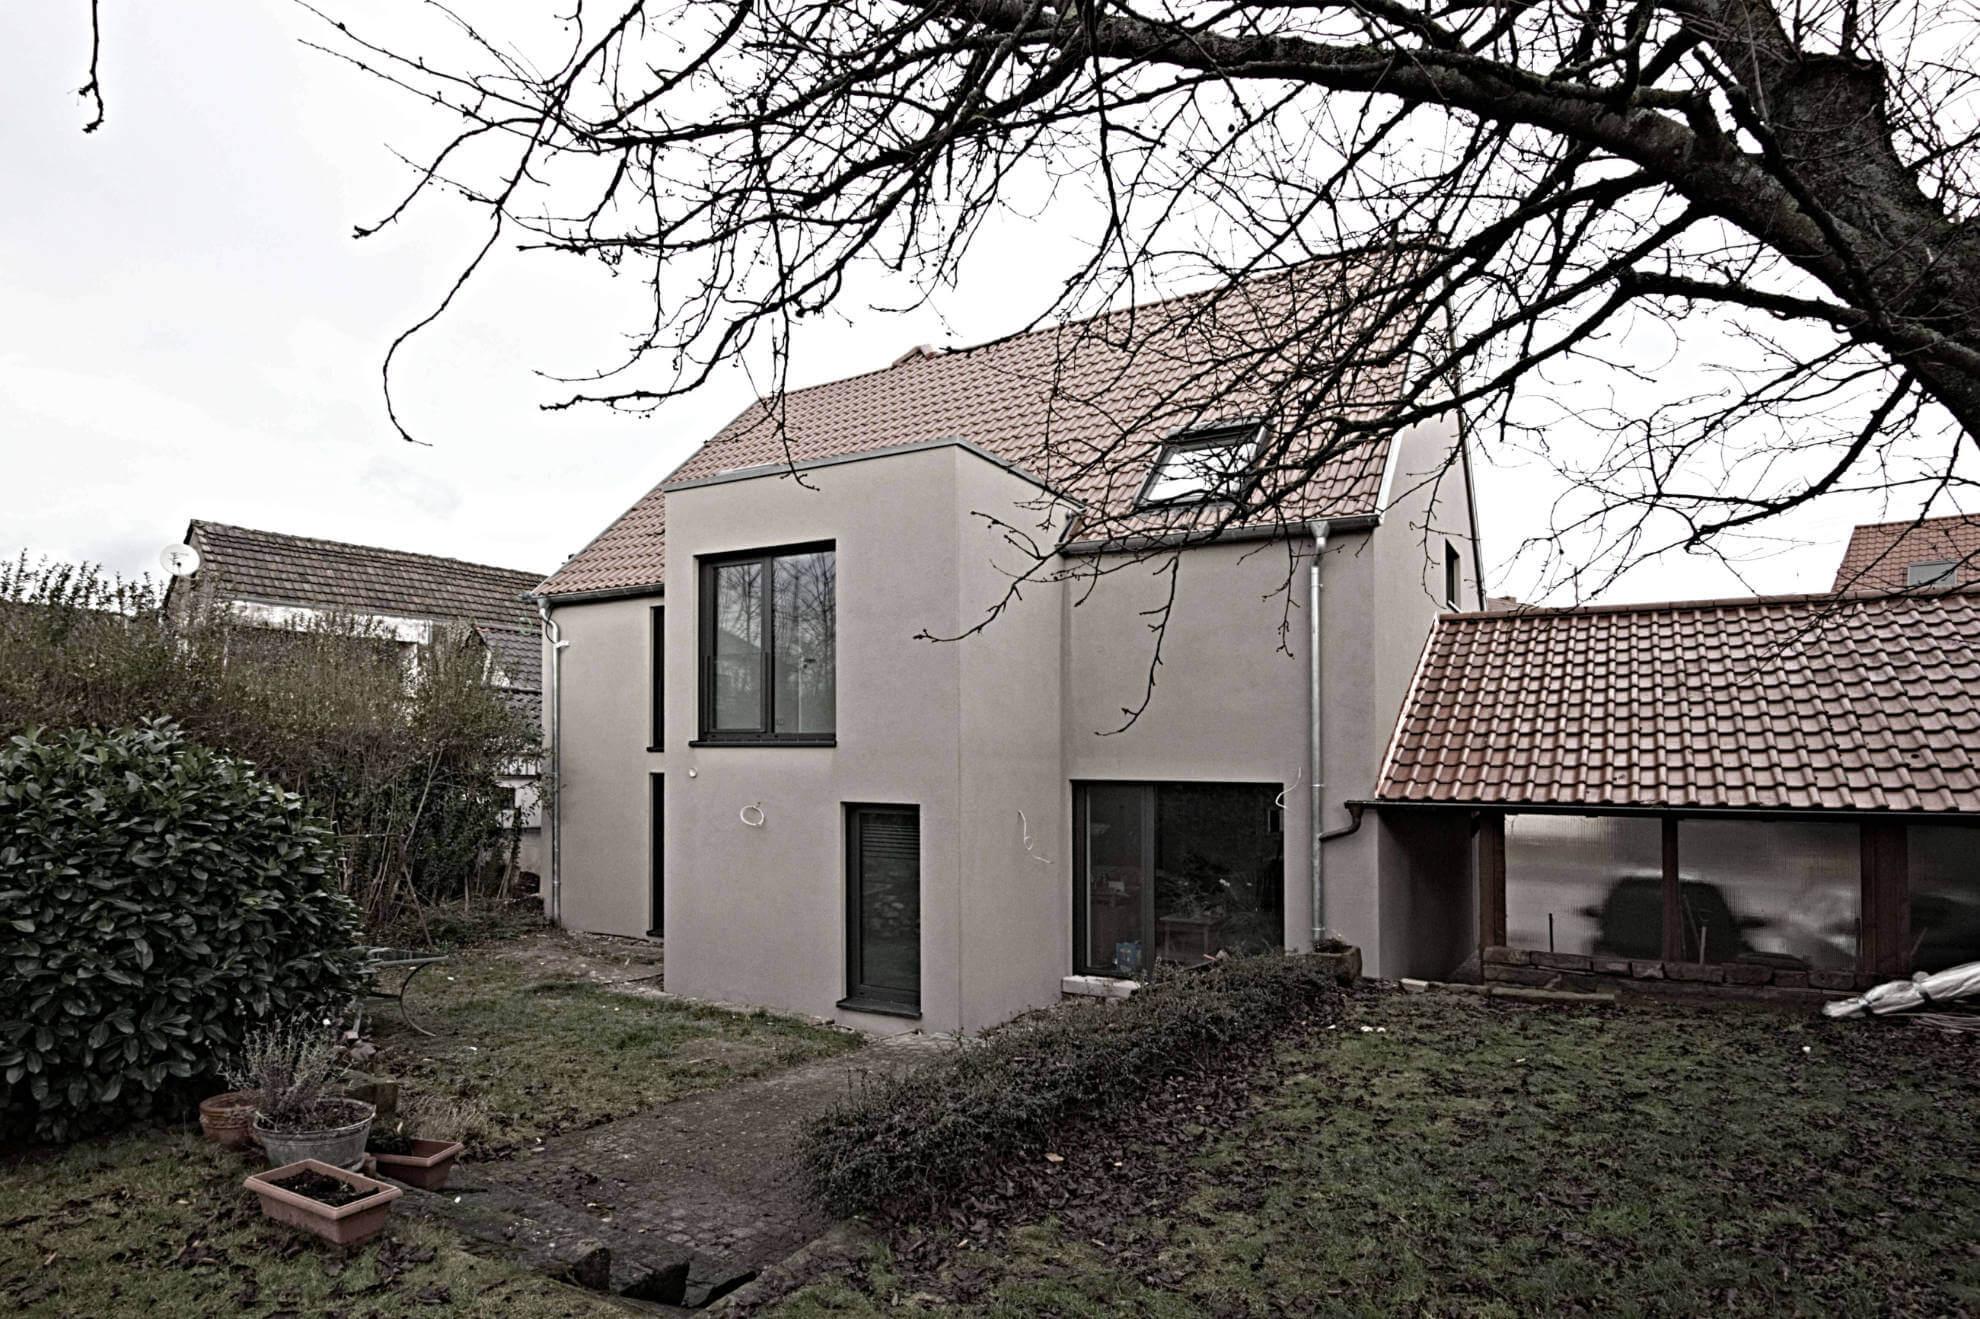 her-a-02-marcbetz architekten